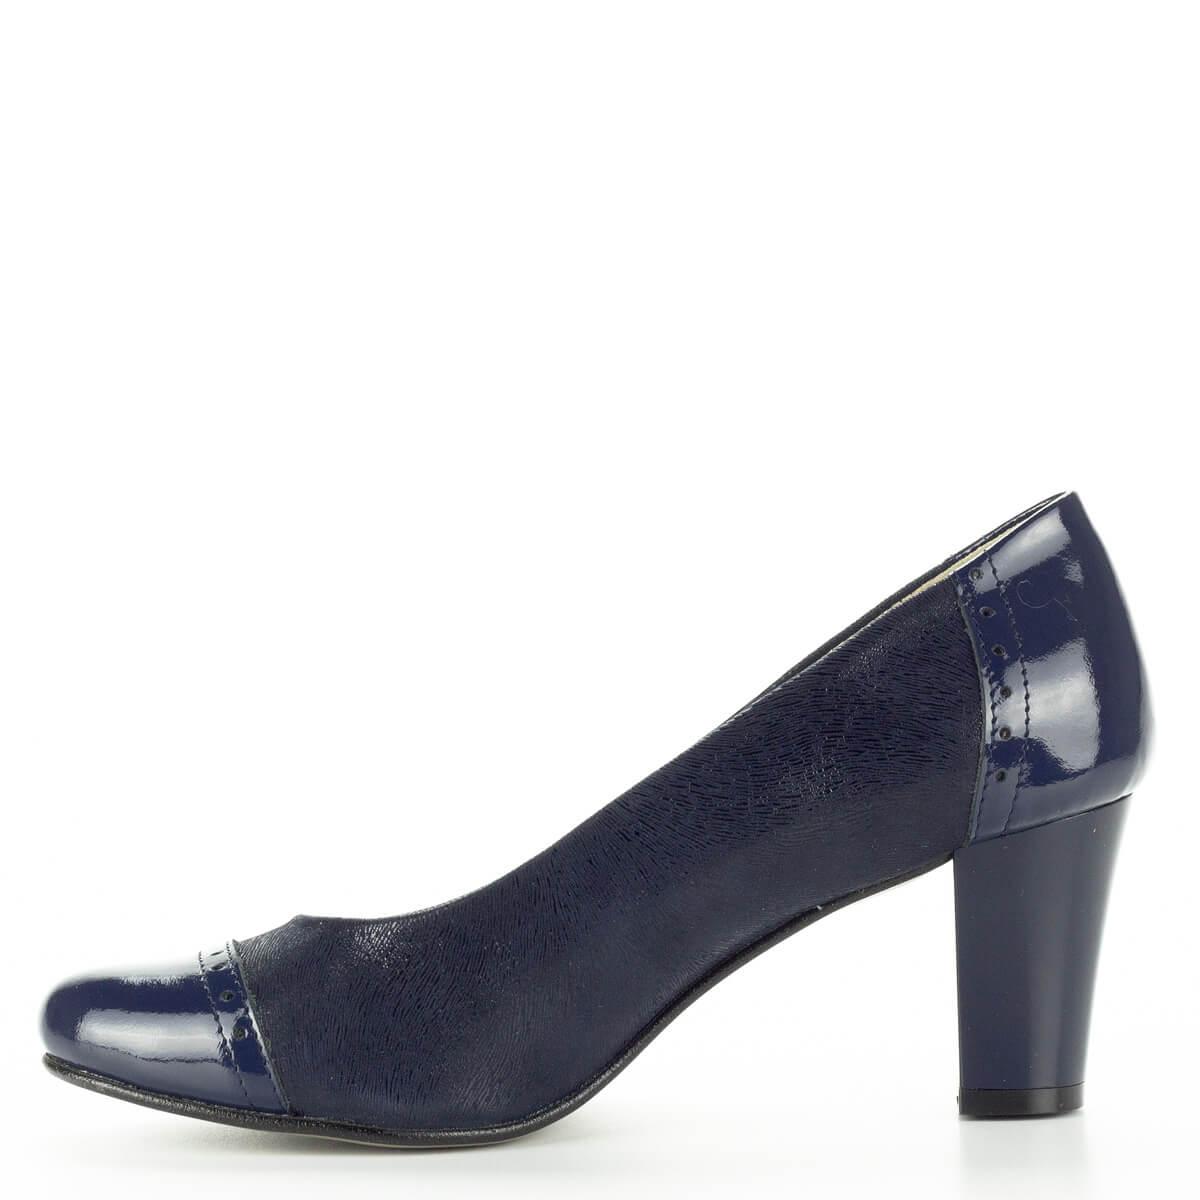 614b0324a8 Verdi kék női bőr cipő. Magassarkú női cipő kényelmes, 6 cm magas sarokkal.